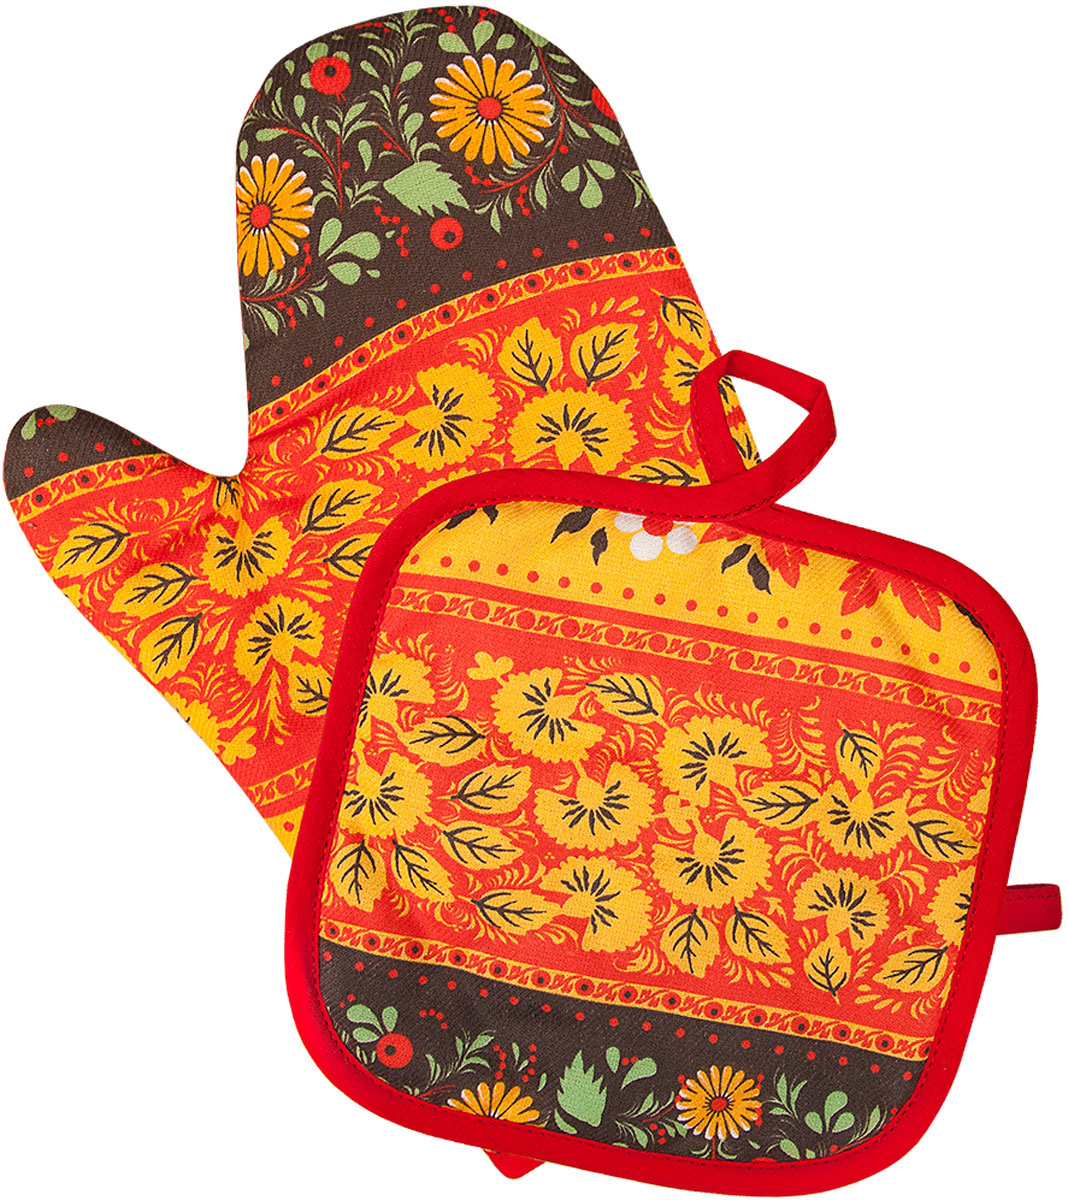 Набор прихваток Bonita Славянка, 2 предмета11010816757Набор Bonita Славянка состоит из прихватки-рукавицы и квадратной прихватки. Изделия выполнены из натурального хлопка идекорированы оригинальным рисунком.Прихватки простеганы, а края окантованы. Оснащены специальными петельками, за которые их можно подвесить на крючок в любомудобном для вас месте.Такой набор красиво дополнит интерьер кухни.